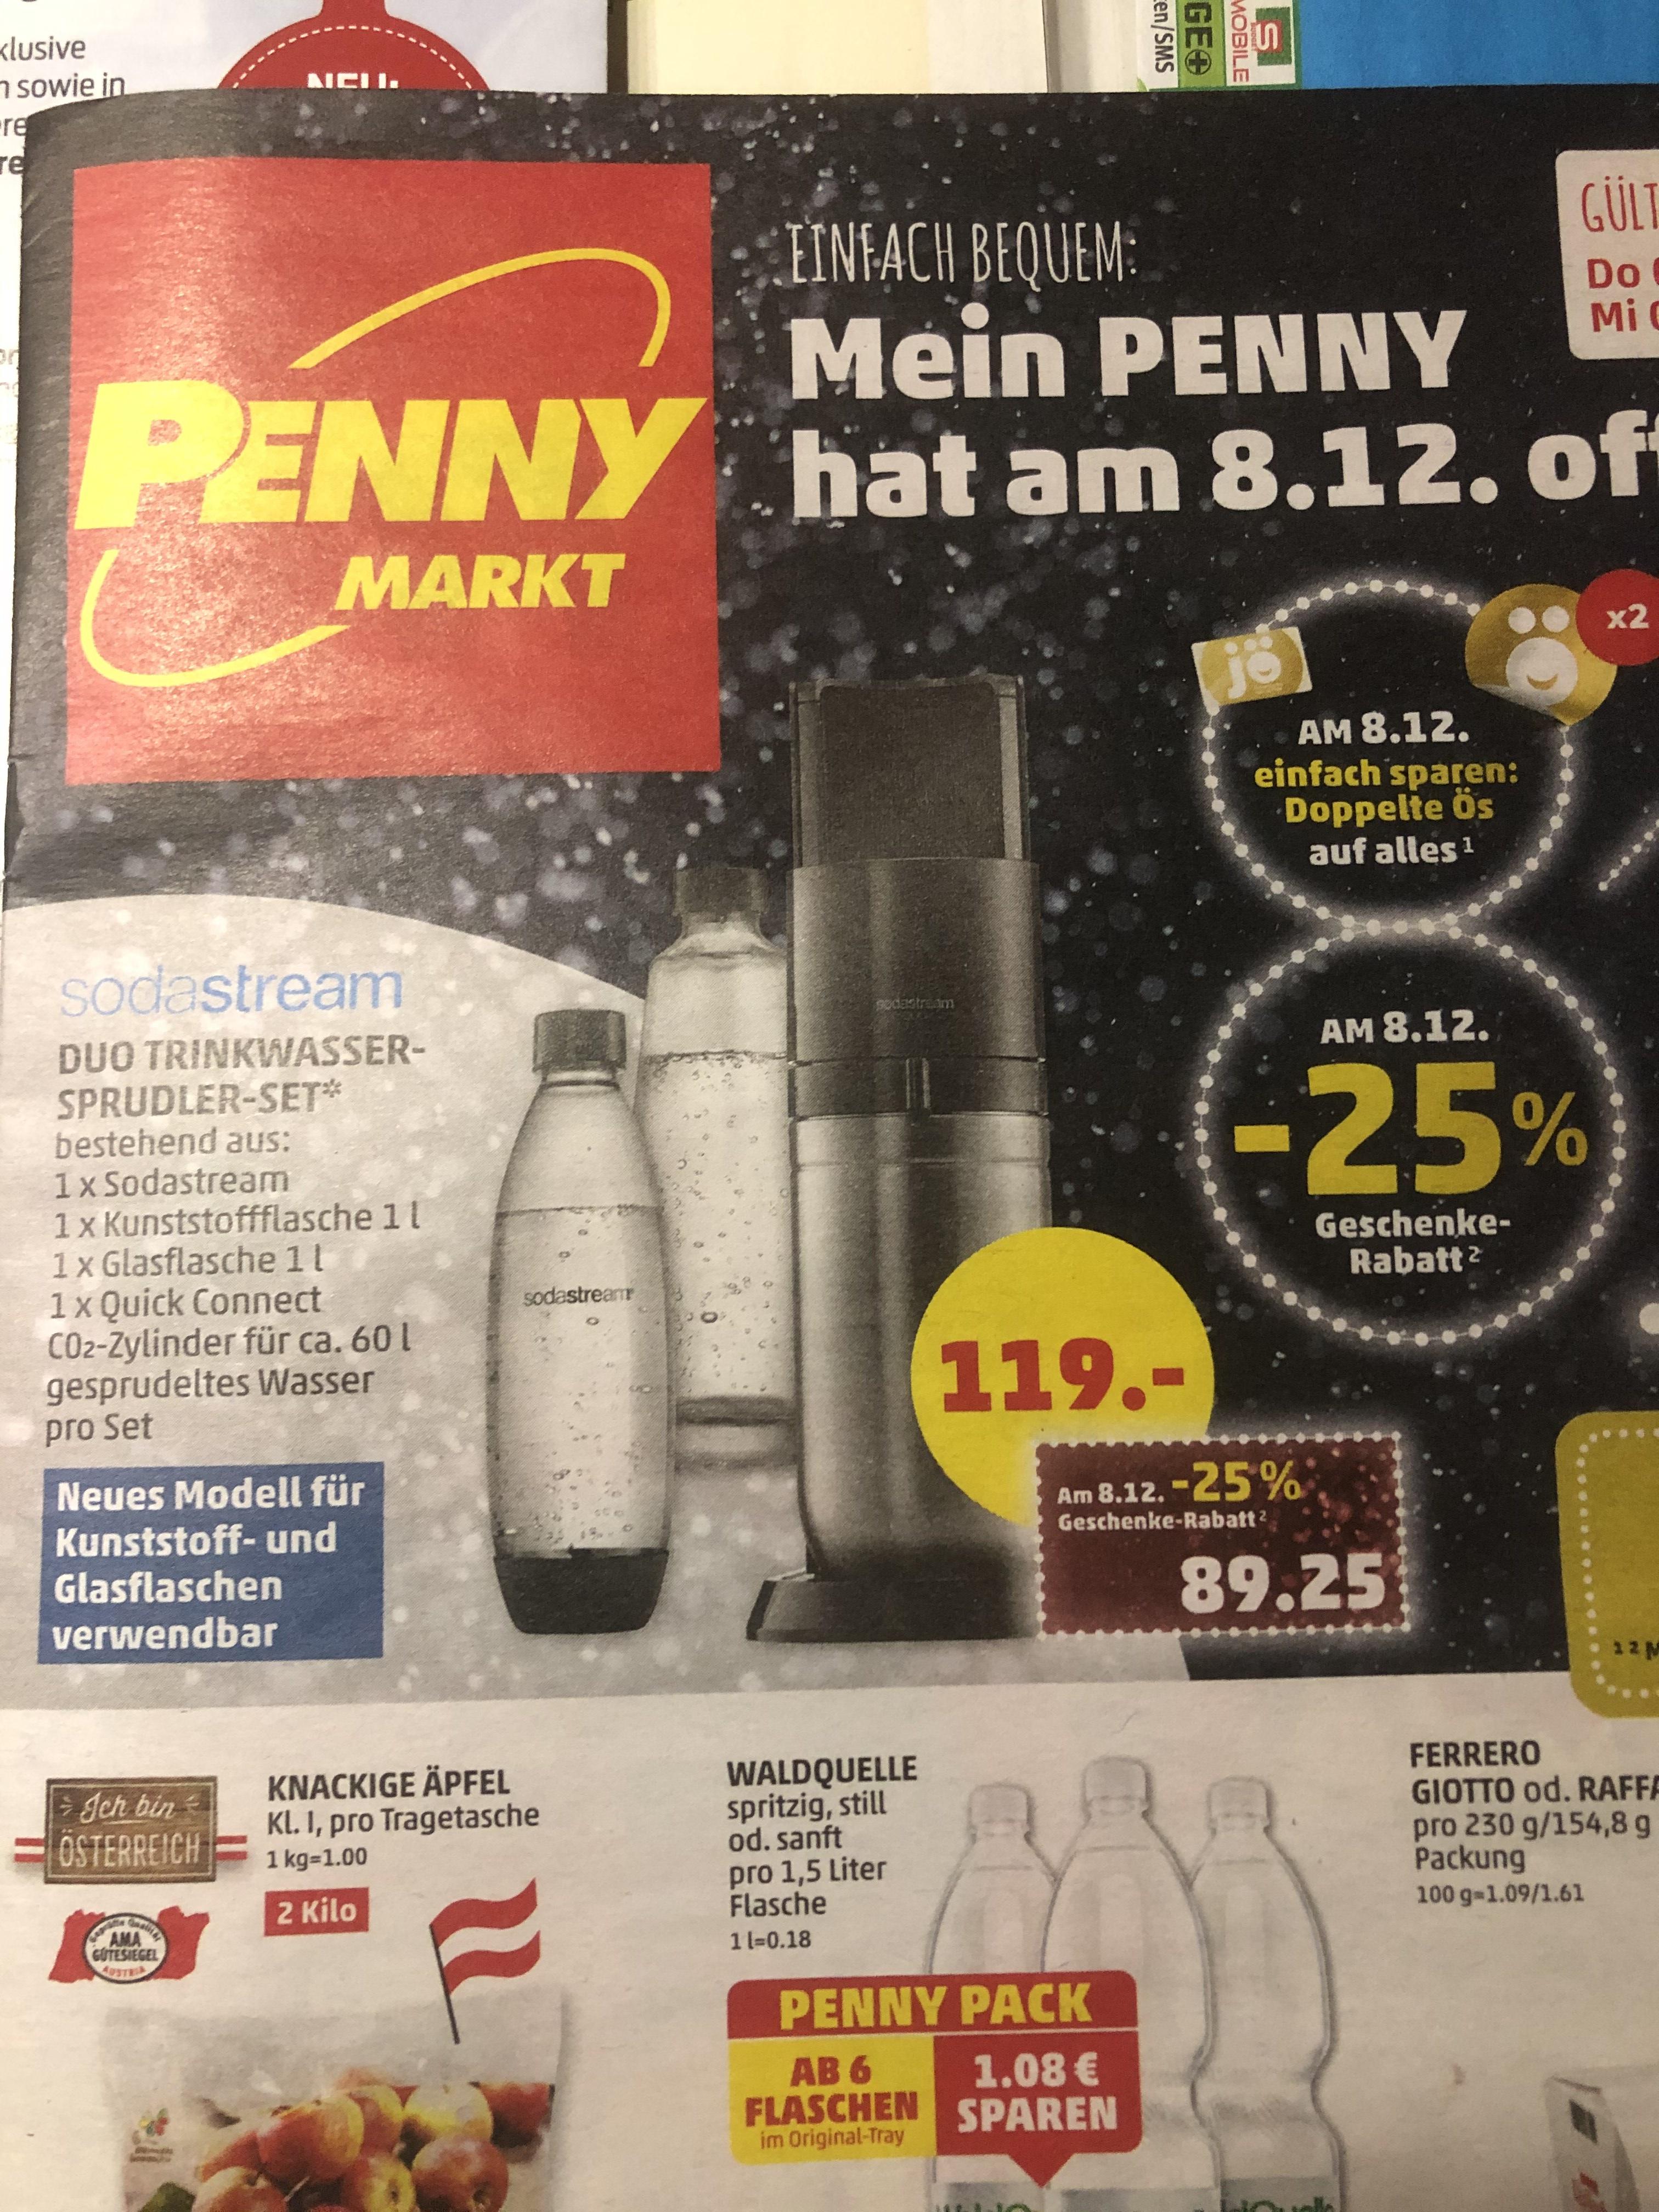 Sodastream Duo ## Penny Markt ##